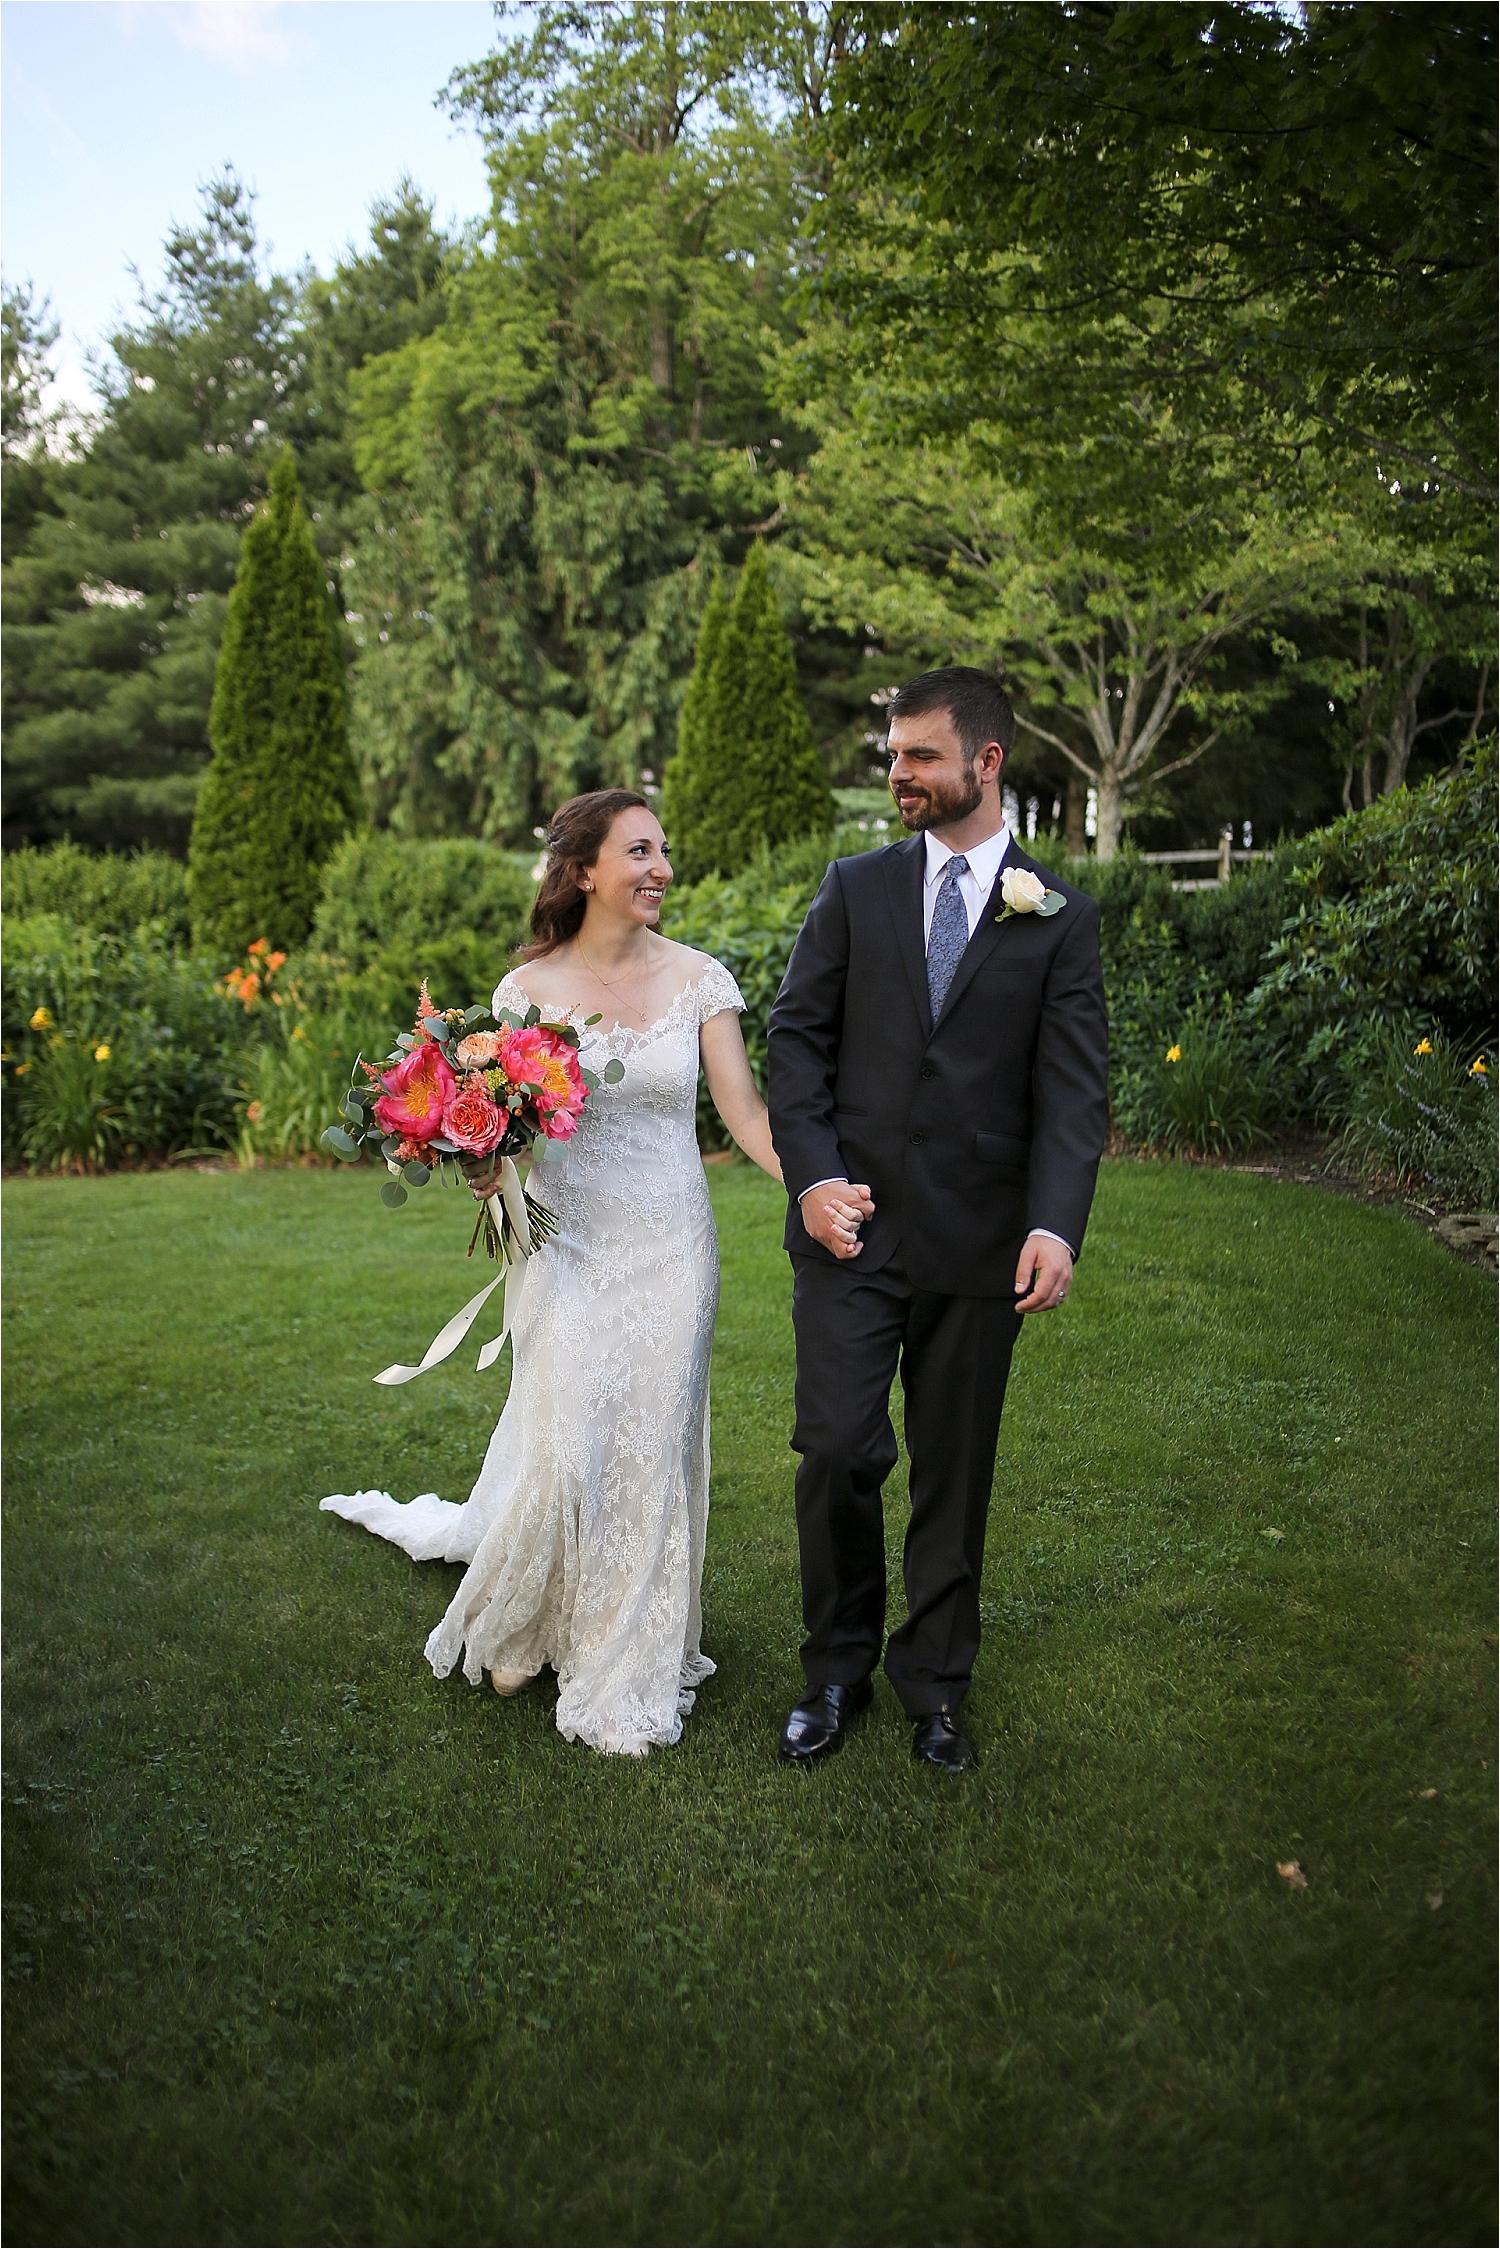 Chateau-Morrisette-Winery-Vineyard-Virginia-Wedding-Photos-_0017.jpg